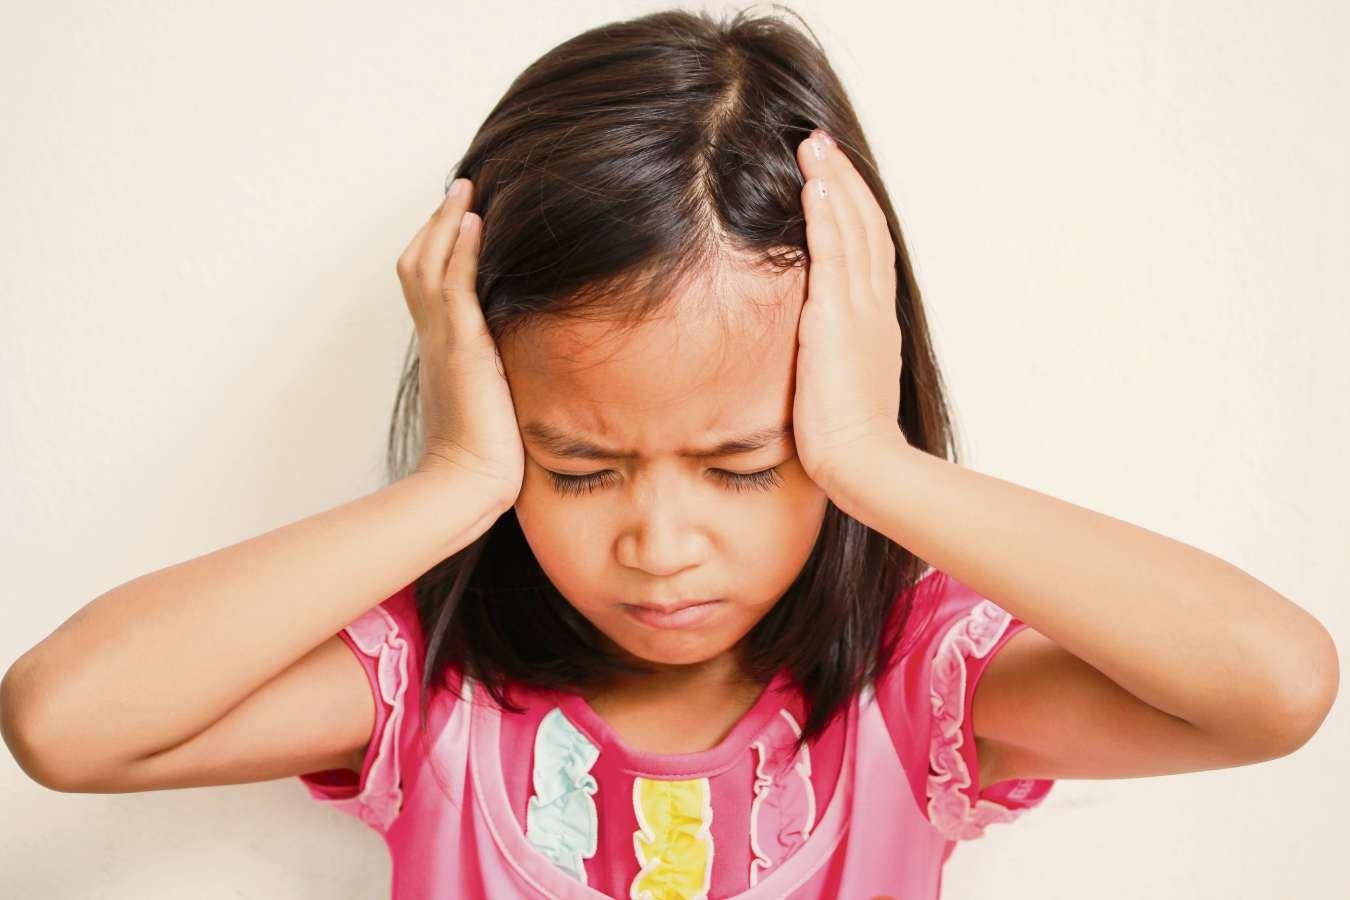 As crianças percebem e sofrem quando presenciam brigas dos pais. É essencial tentar tornar esse processo o menos traumático possível para eles.